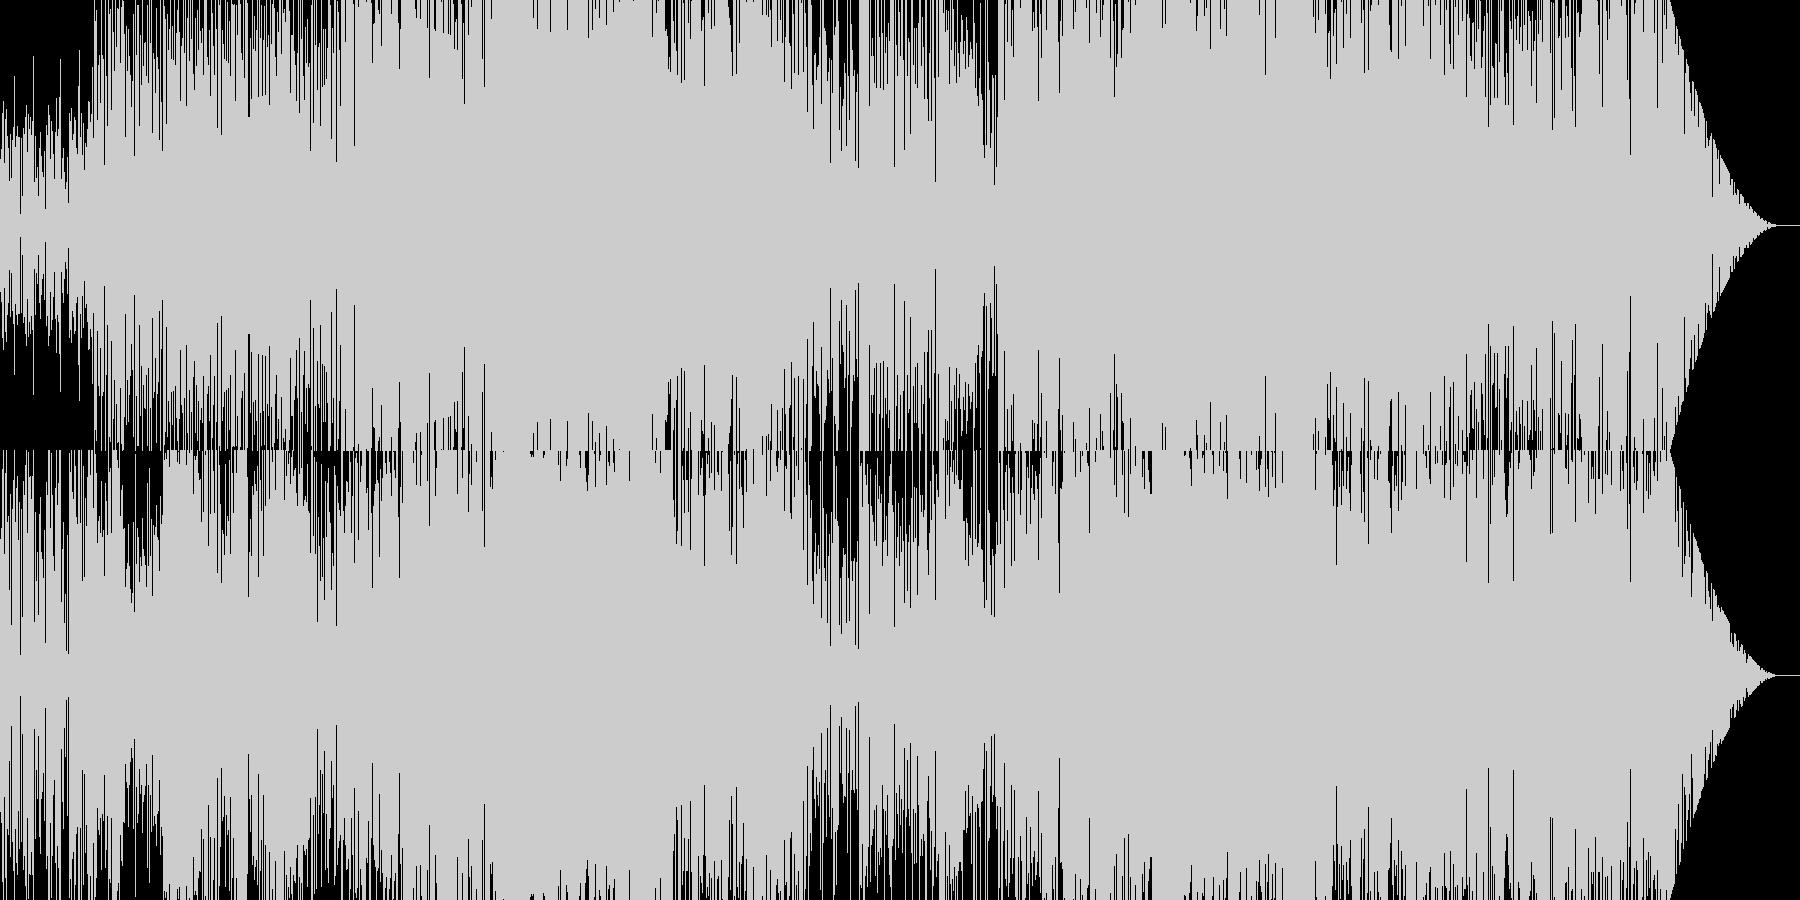 ファンタジーで不思議な絵本的ワルツの未再生の波形